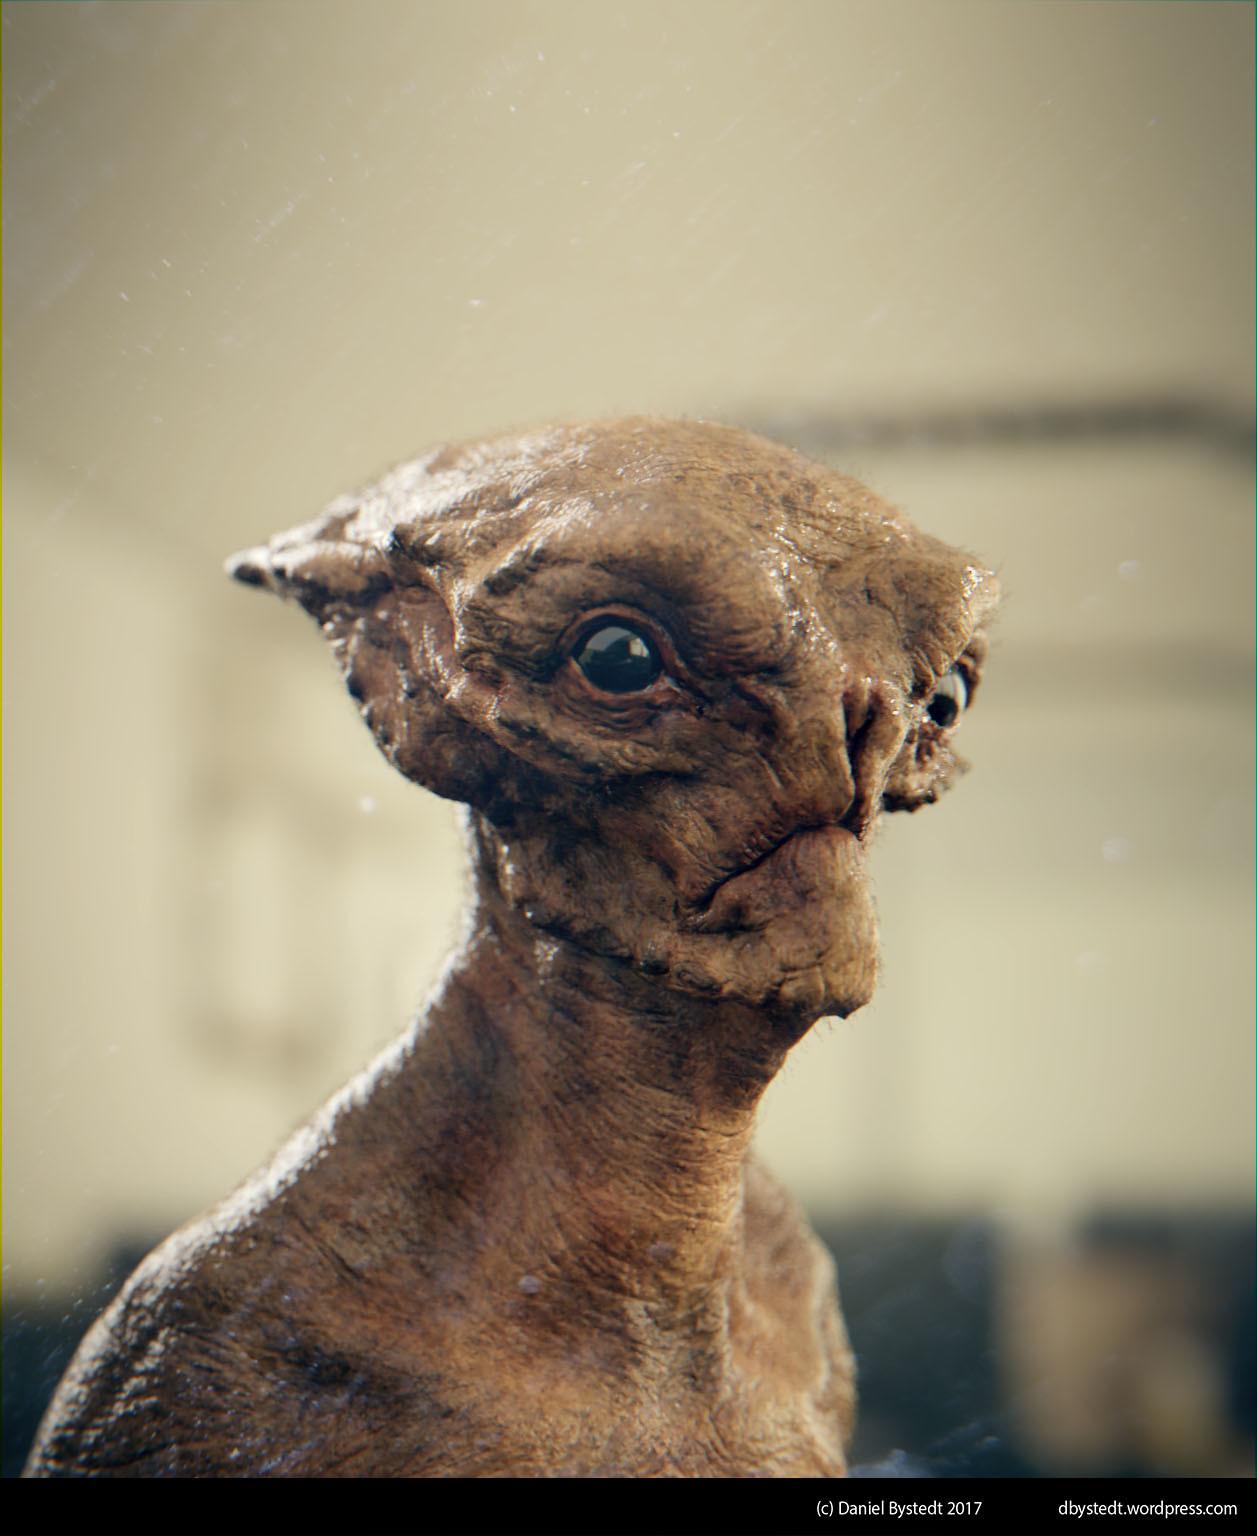 Daniel bystedt alien bust 2